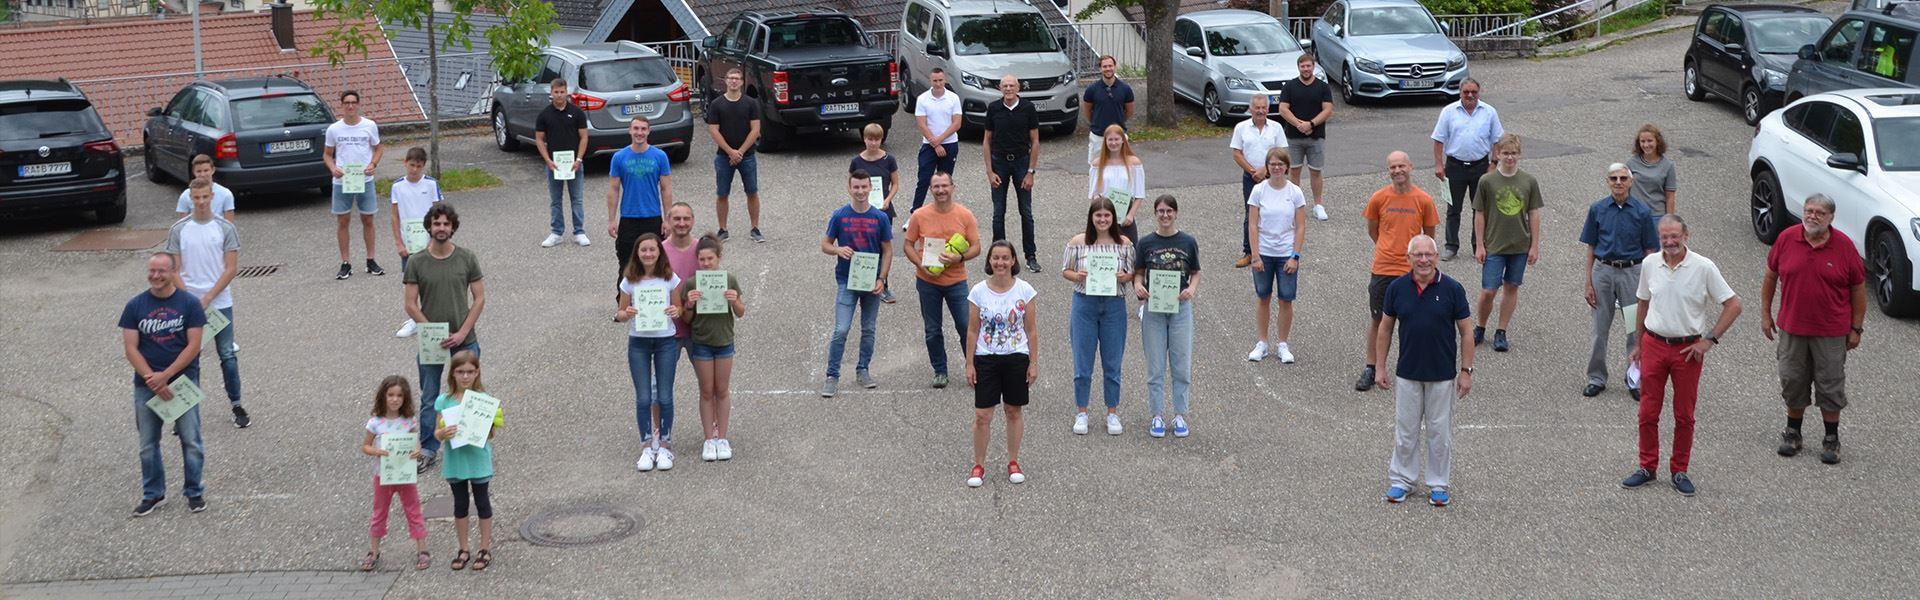 Gruppenbild mit allen geehrten Athleten